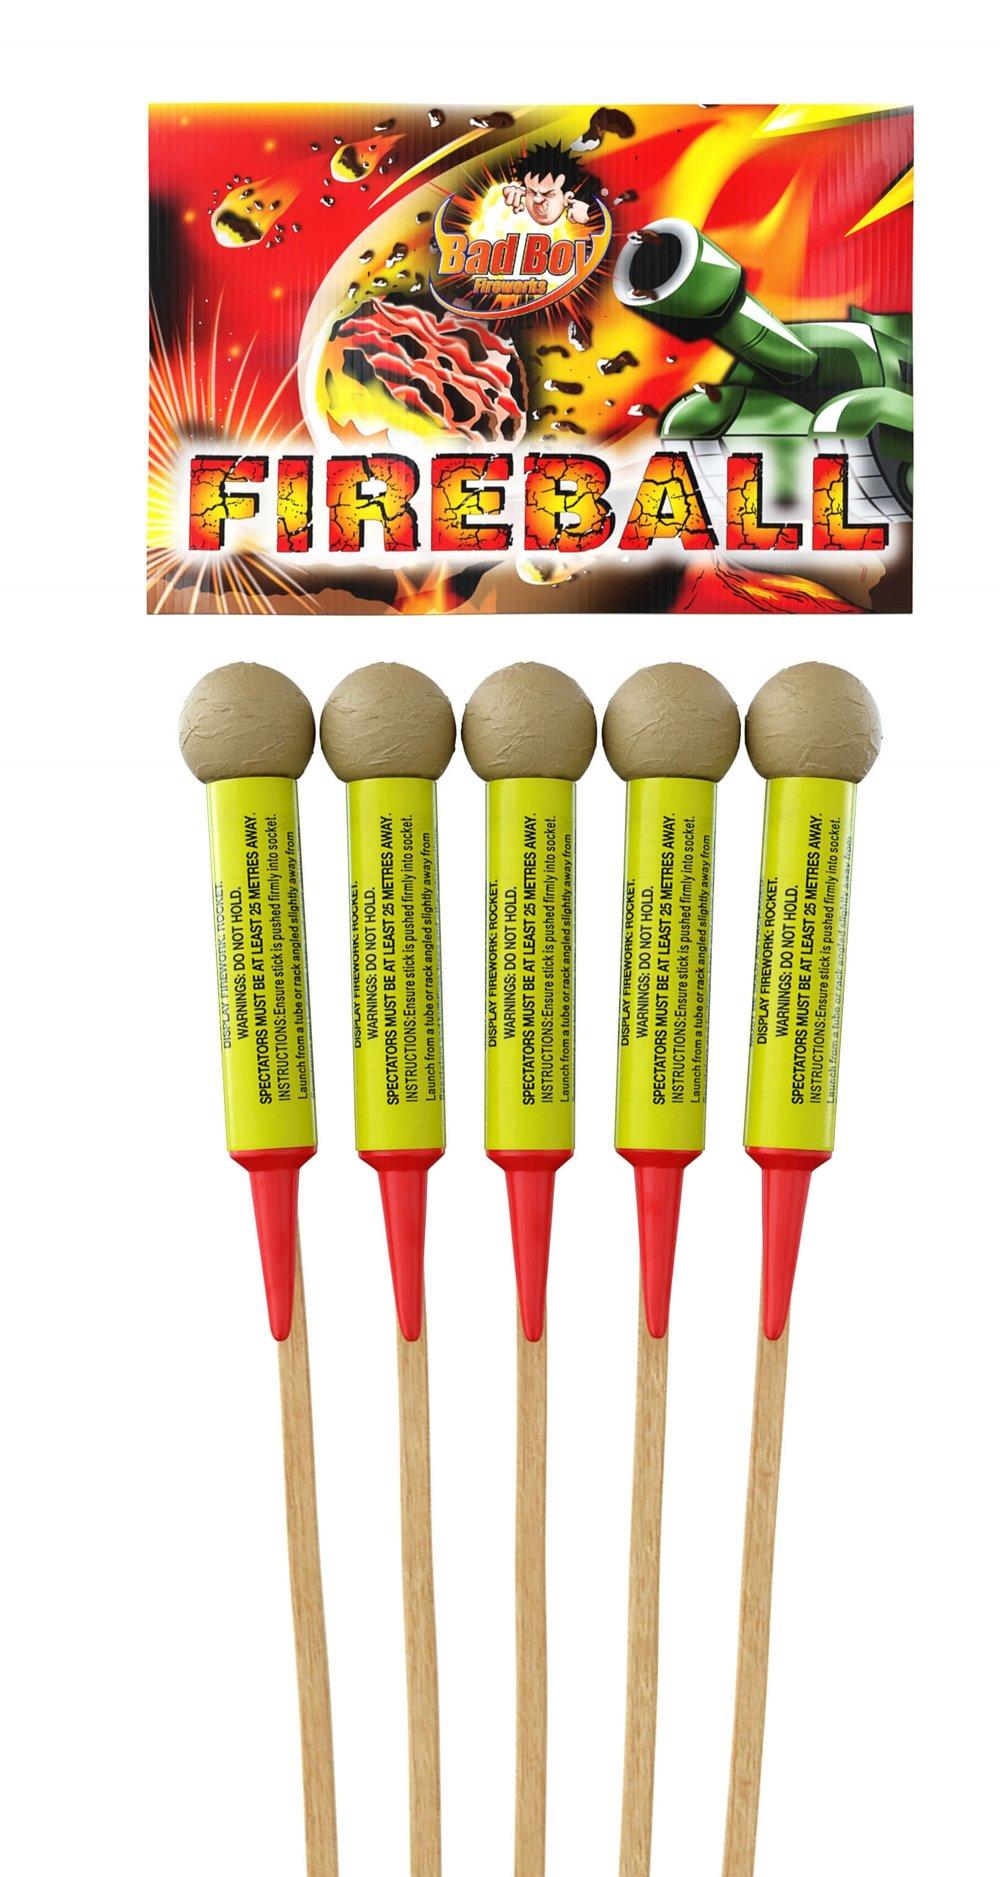 Fireball 5pk Rockets - RRP £39.99